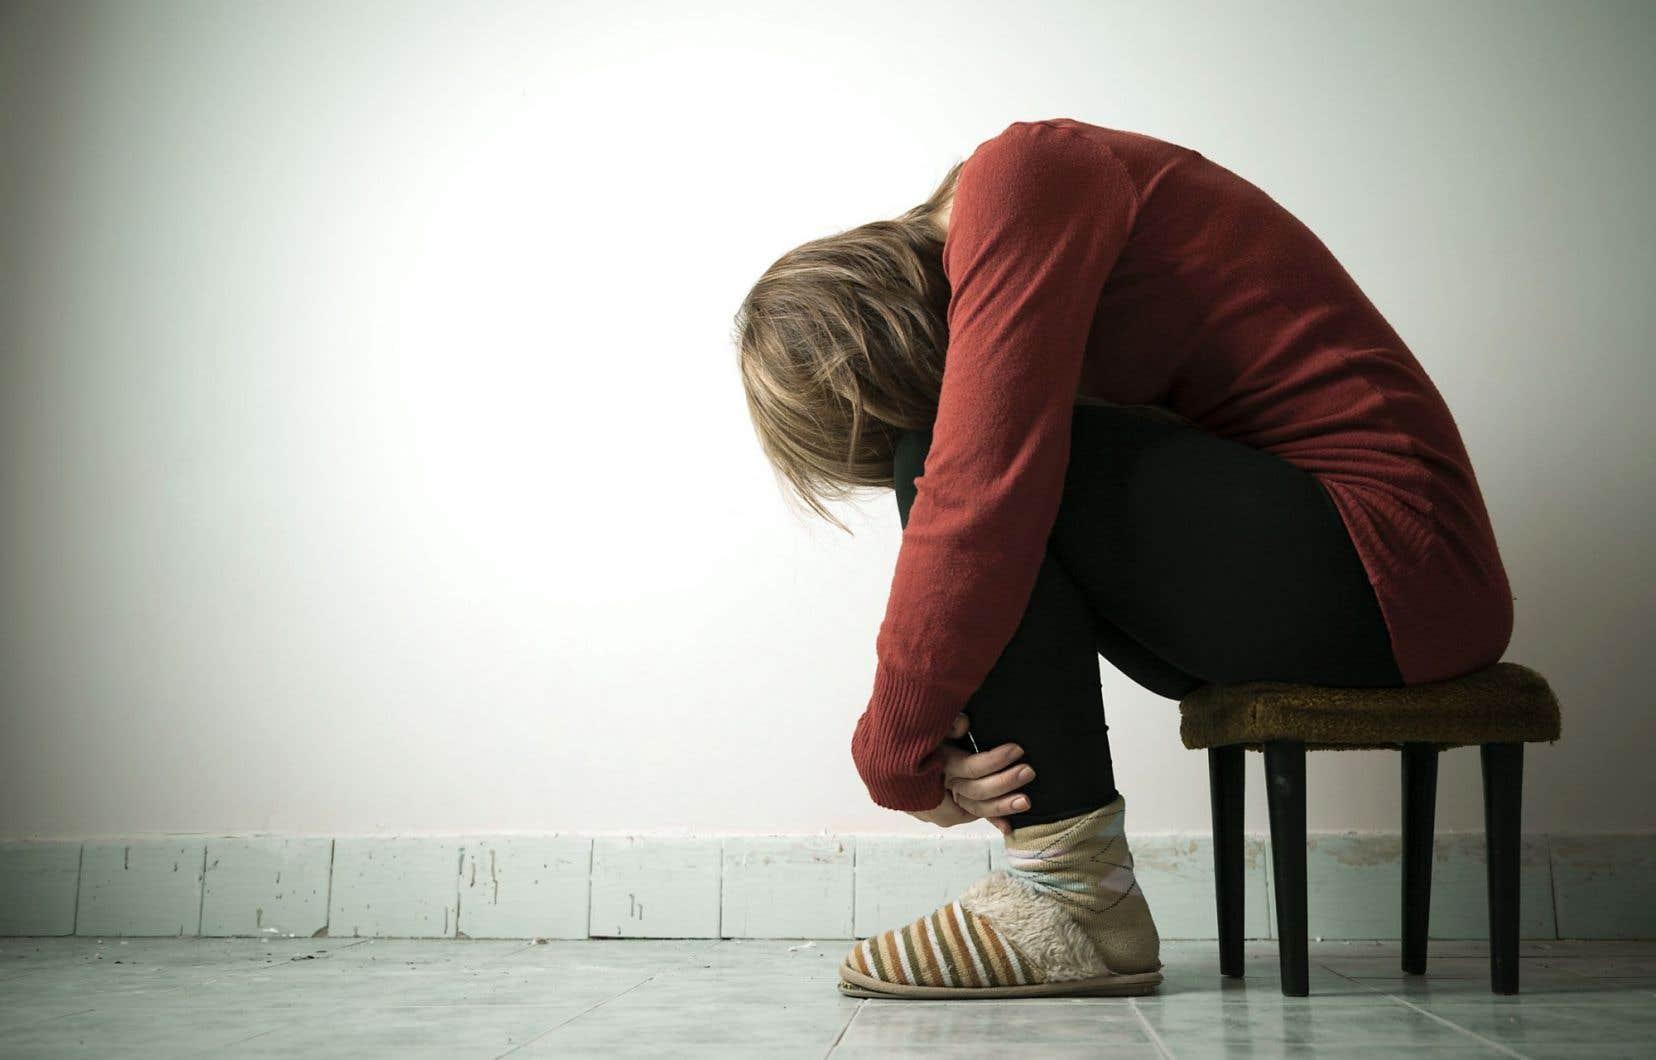 Aux premières loges des avancées de la maladie mentale de leurs proches, les aidants sont pourtant souvent carrément mis de côté par le système.